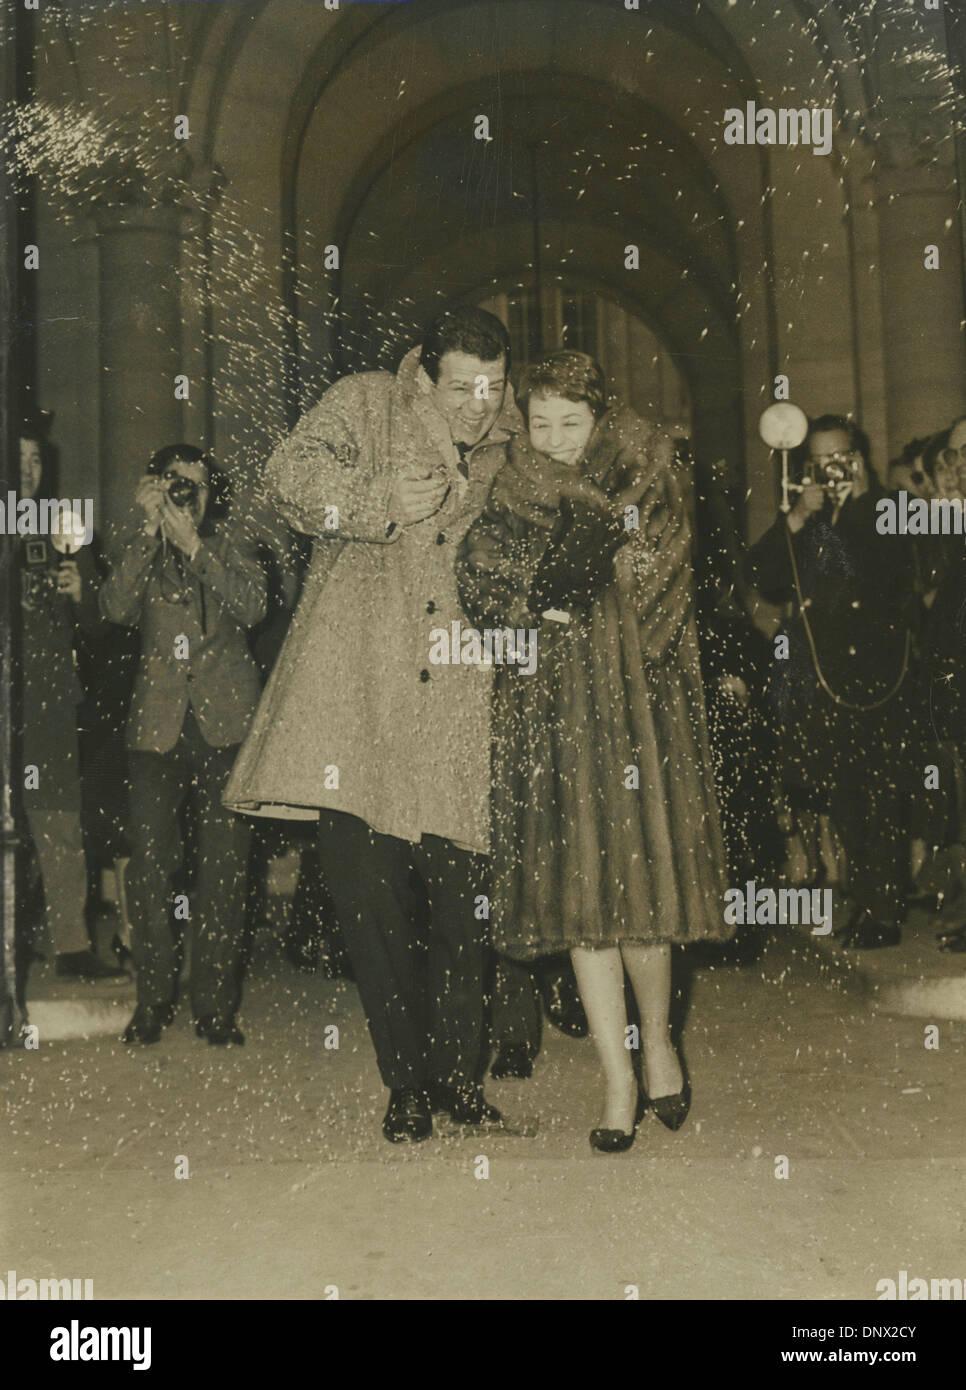 Jan 06, 1962 - Roma, Italia - RENATO SALVATORI e la sua nuova sposa ANNIE GIRARDOT lasciare town hall mentre un riso bianco sono gettati nell'aria. (Credito Immagine: © Keystone foto/ZUMAPRESS.com) Foto Stock